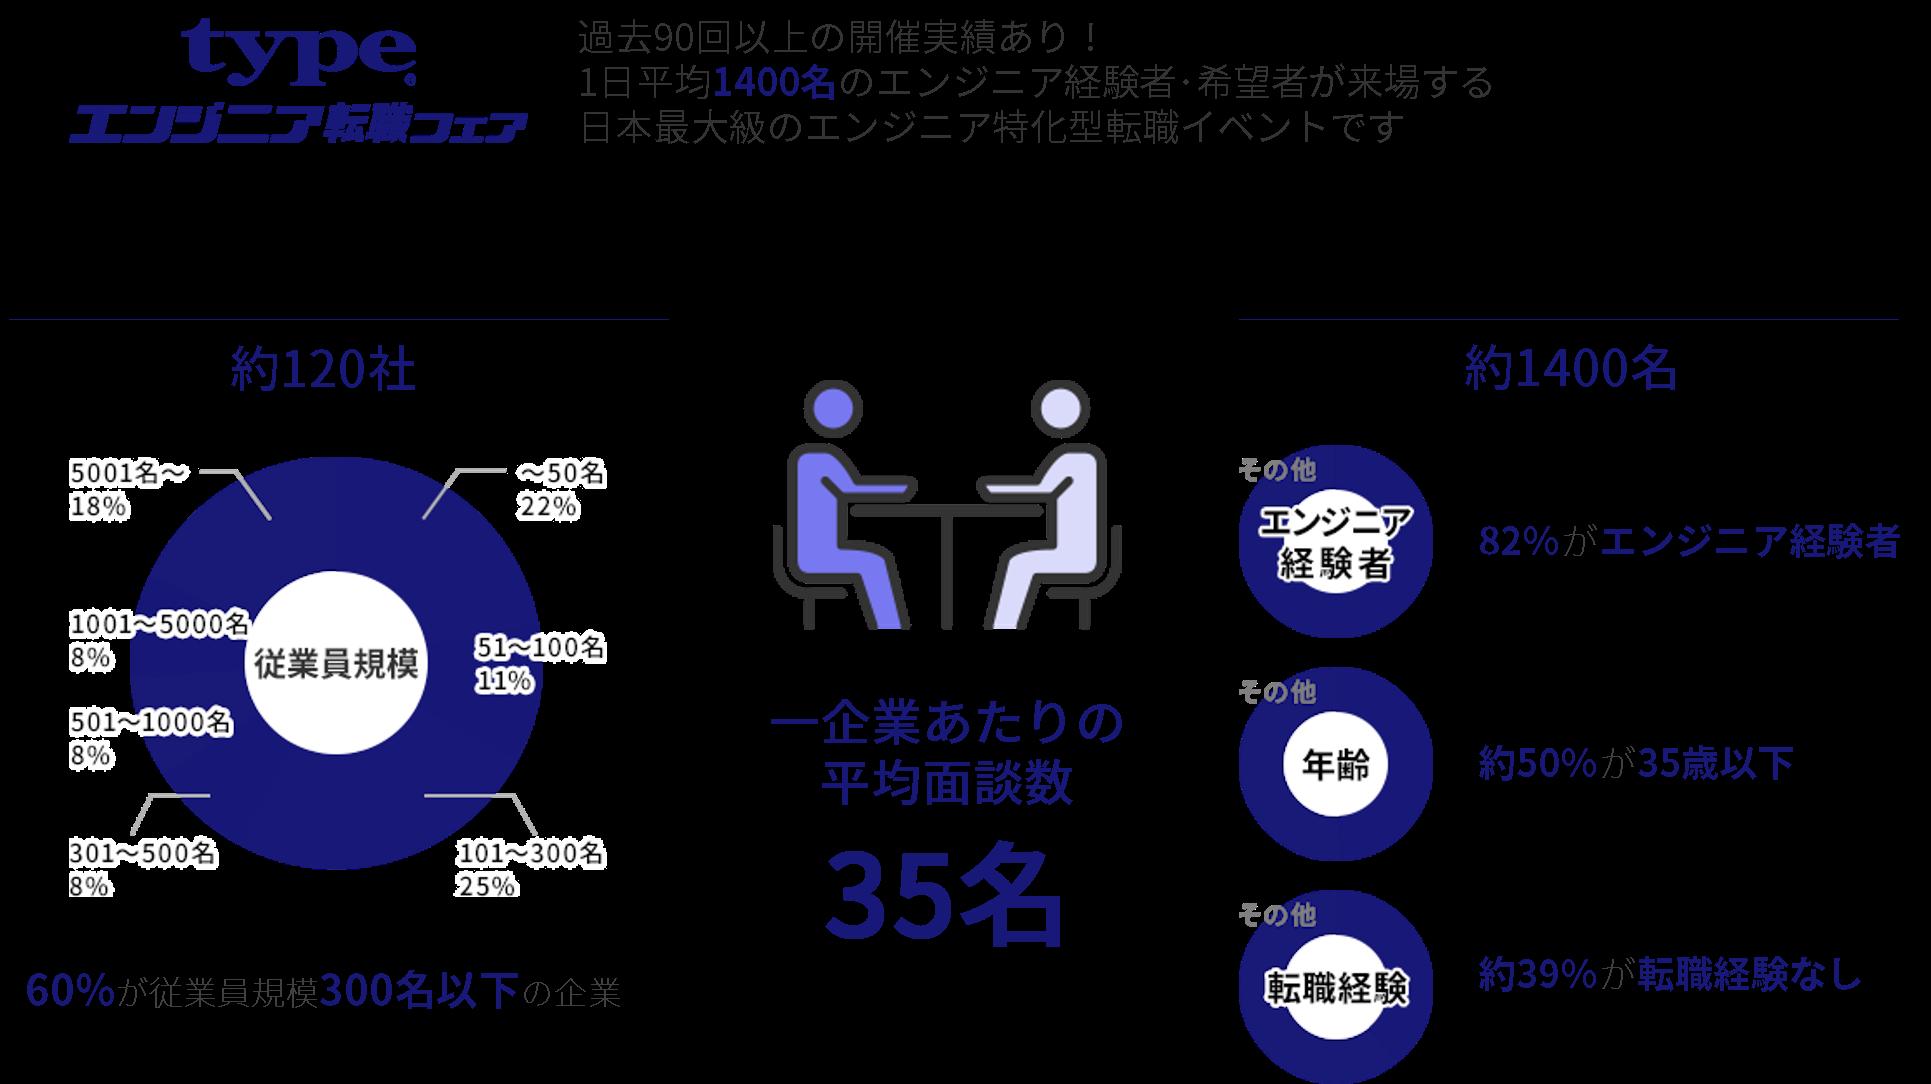 日本最大級の合同企業説明会「エンジニア転職フェア」